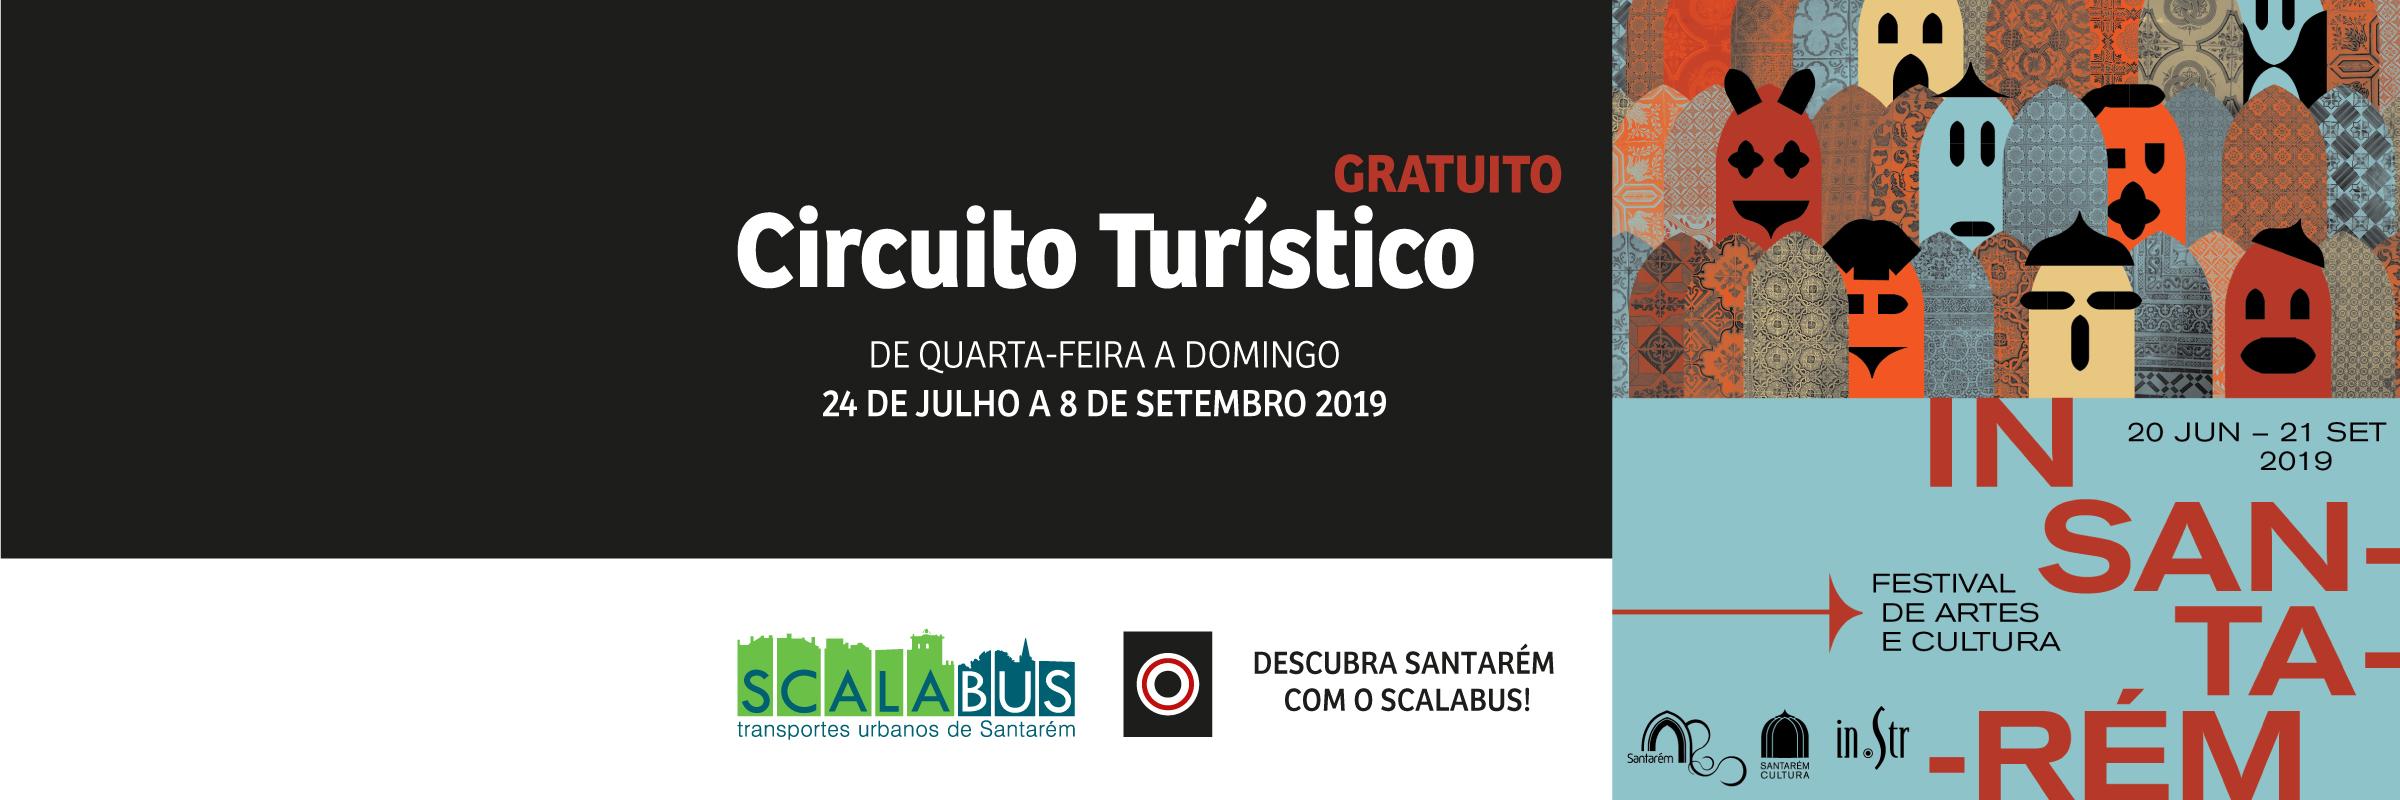 BANNER-RODOTEJO_CIRCUITO-TURÍSTICO-Verão-20191